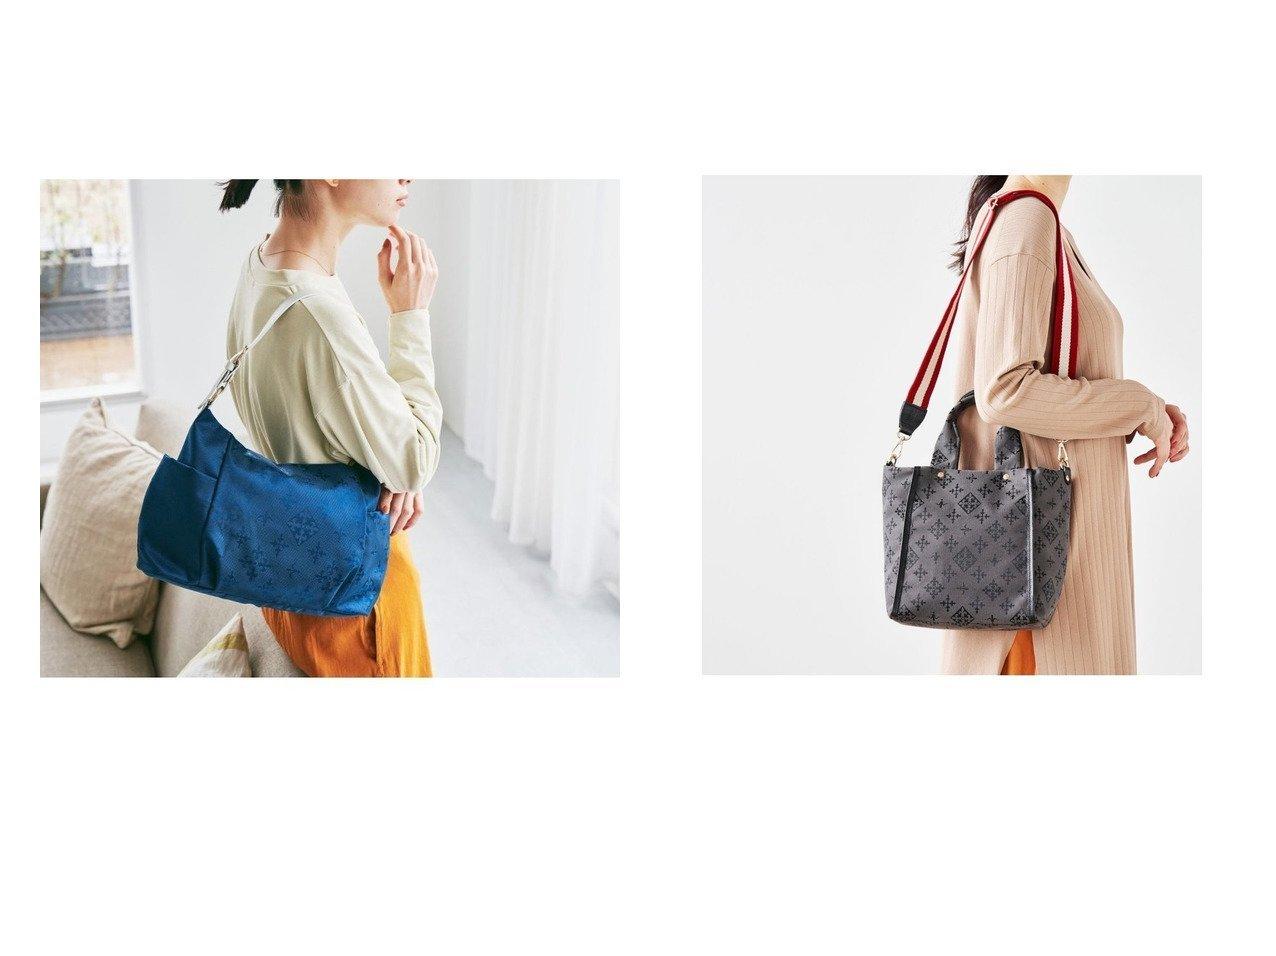 【russet/ラシット】のライトジャガード2wayショルダーバッグ(CE-838)&【コットンジャガード】2WAYトートバッグ M(CE-100) おすすめ!人気、トレンド・レディースファッションの通販 おすすめで人気の流行・トレンド、ファッションの通販商品 インテリア・家具・メンズファッション・キッズファッション・レディースファッション・服の通販 founy(ファニー) https://founy.com/ ファッション Fashion レディースファッション WOMEN バッグ Bag 傘 スクエア 人気 ポケット マグネット 再入荷 Restock/Back in Stock/Re Arrival 日本製 Made in Japan |ID:crp329100000061221